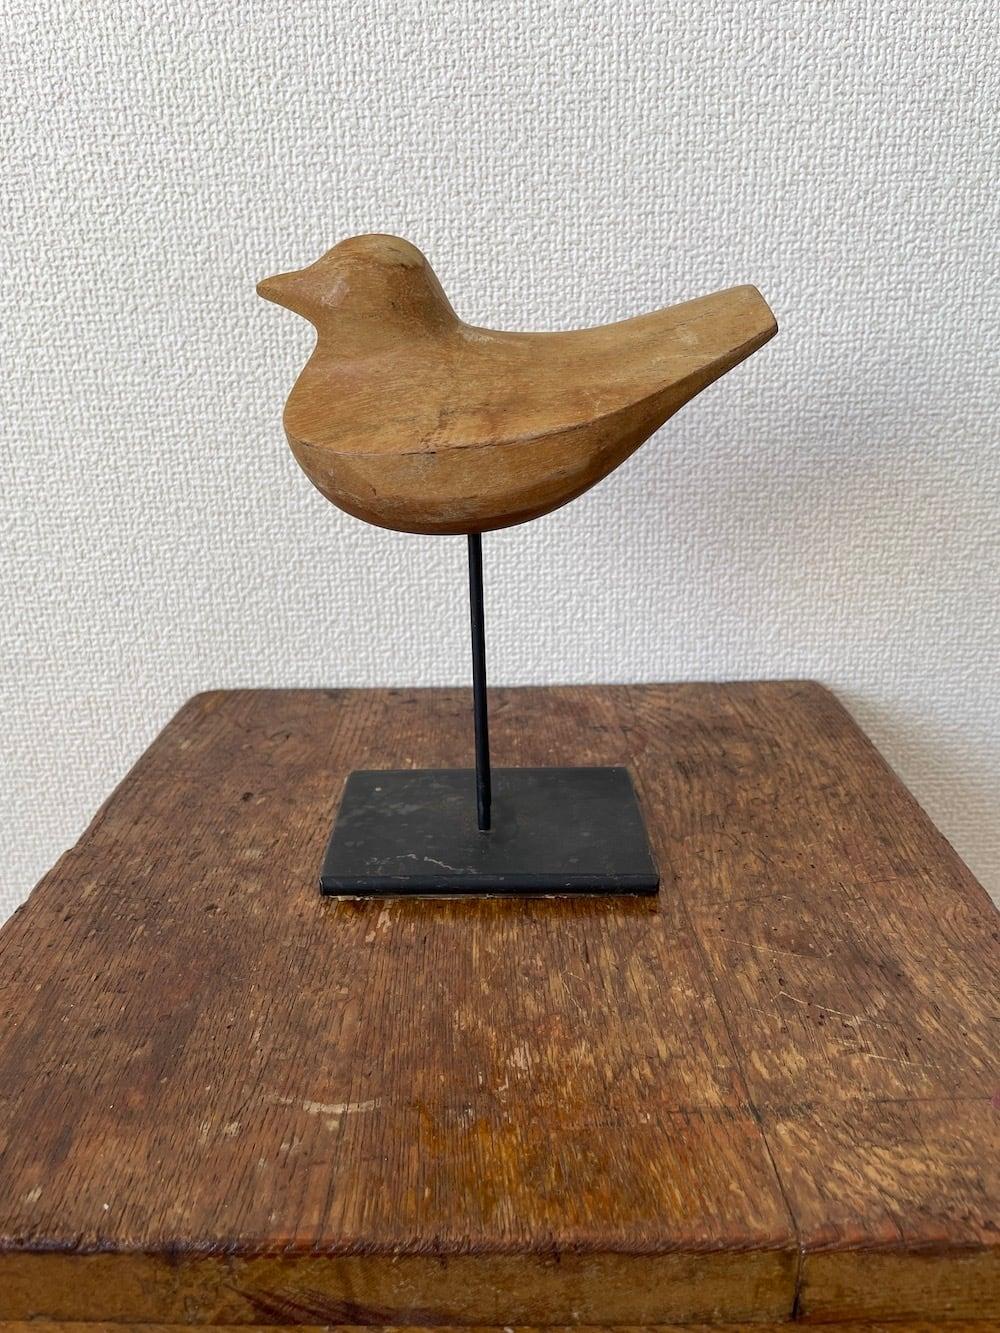 【国籍不明】鳥のオブジェ